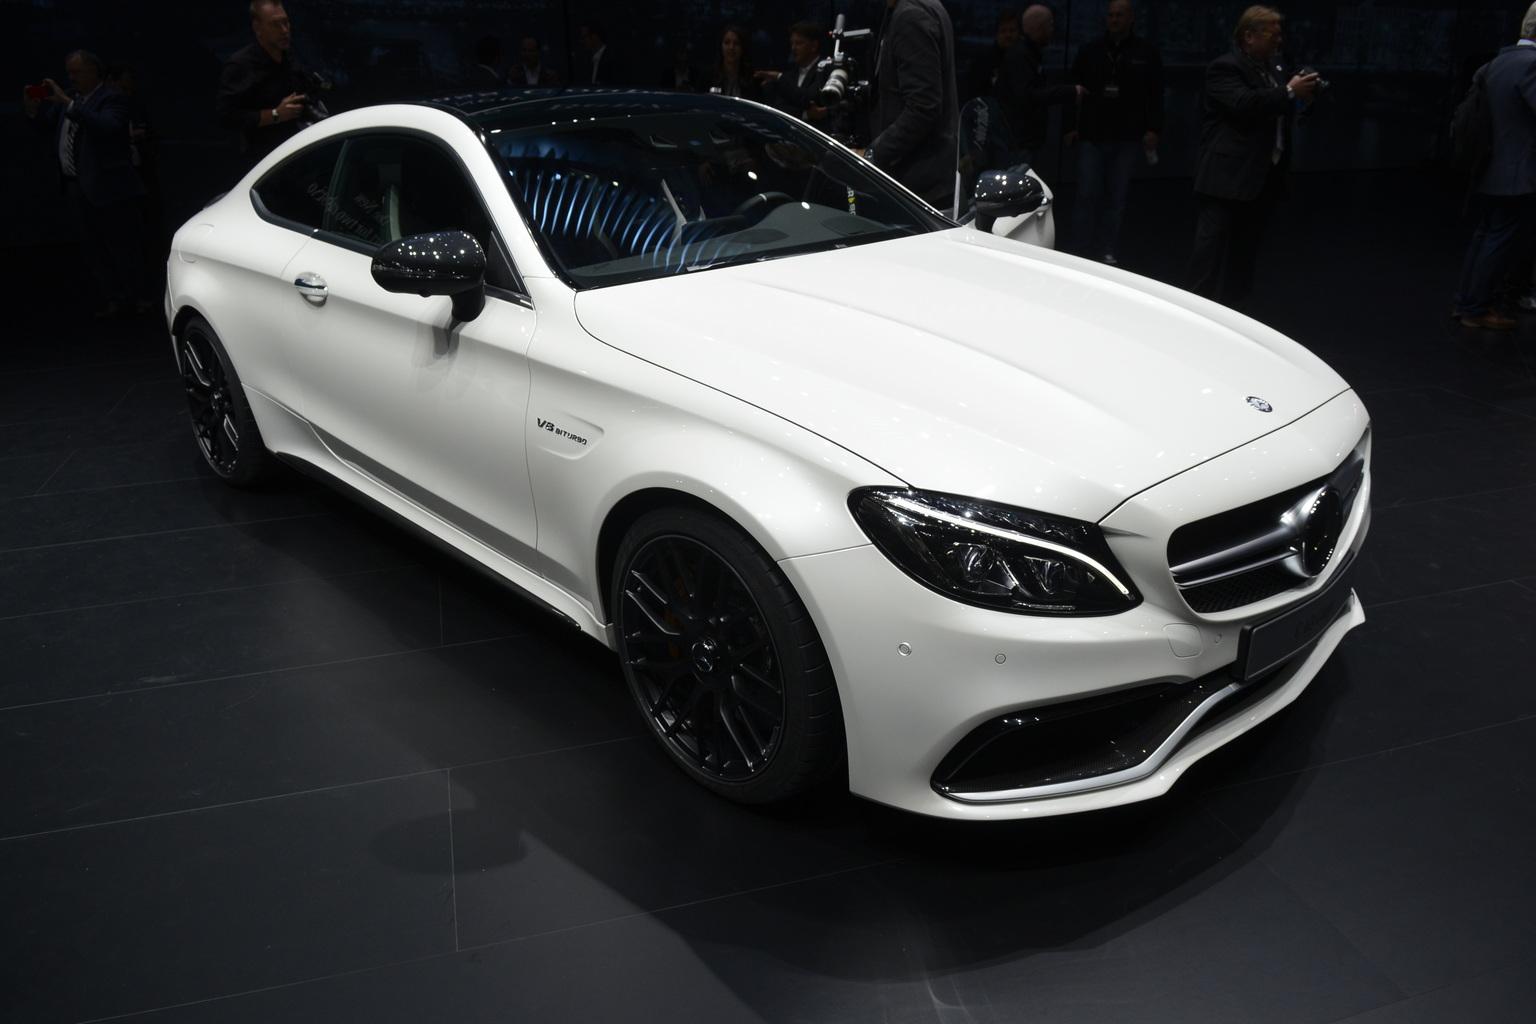 2016 Mercedes-AMG C 63 Coupé